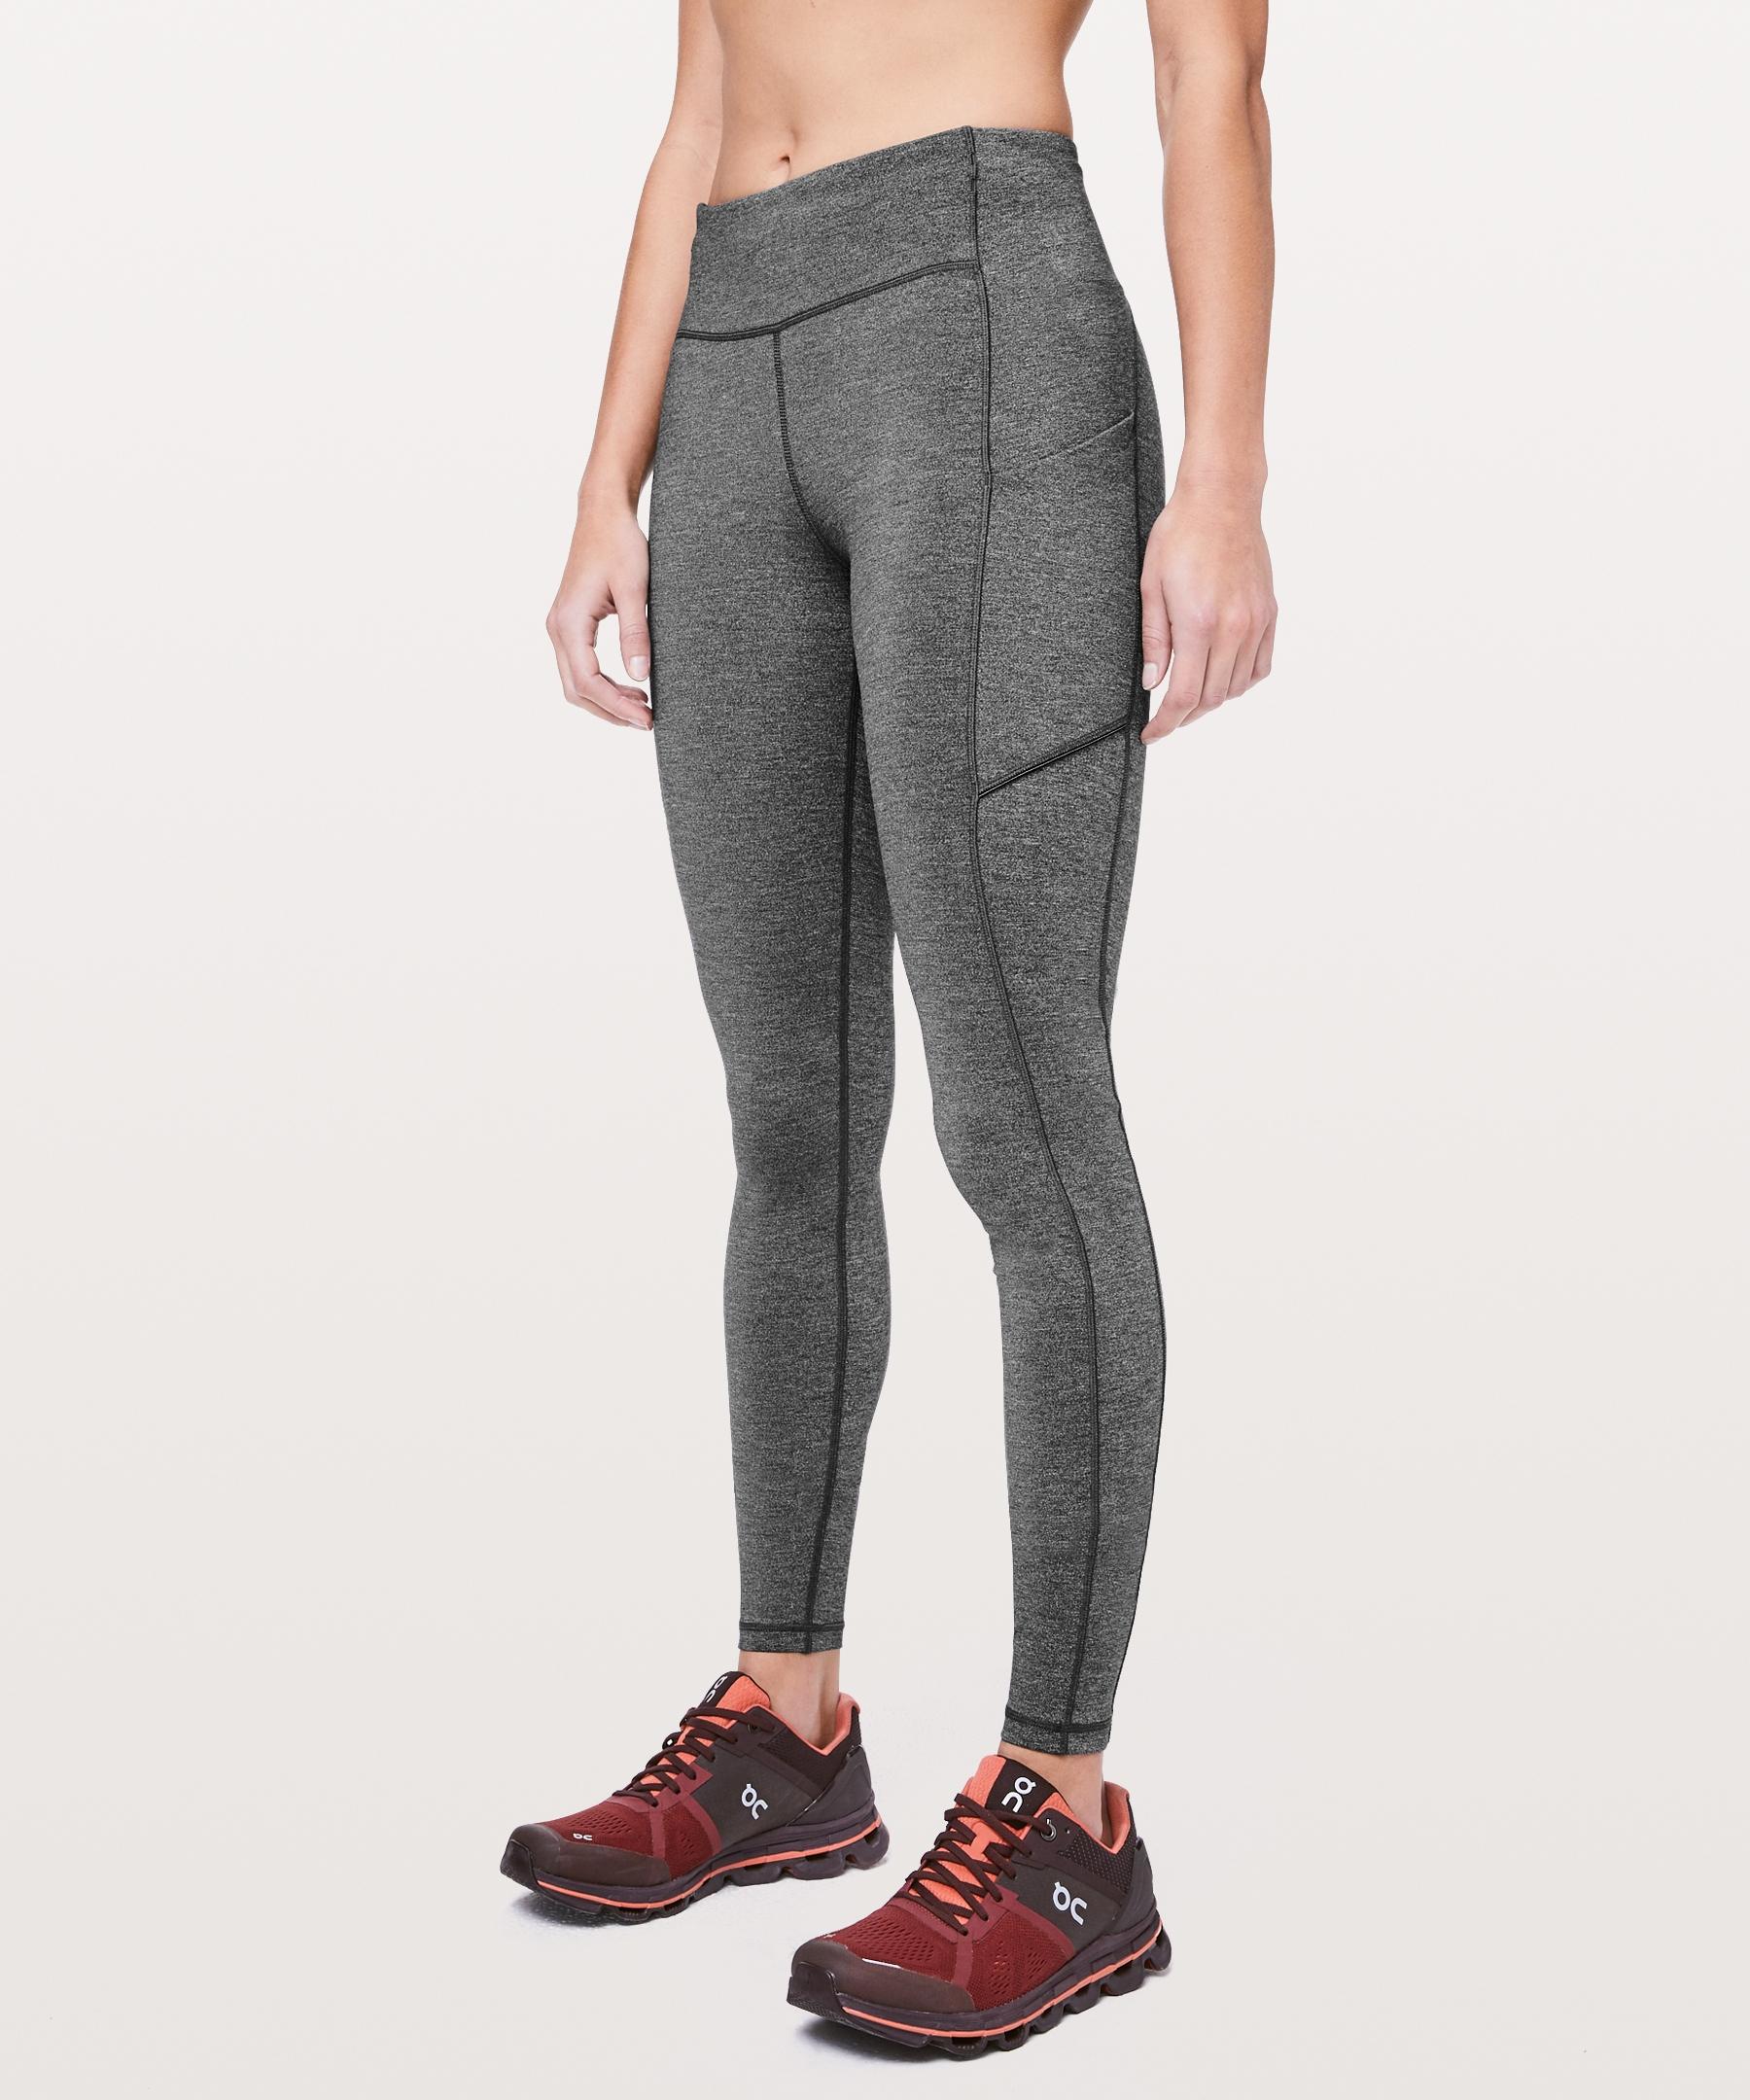 639451e18f486 lululemon Women's Speed Up Legging 28